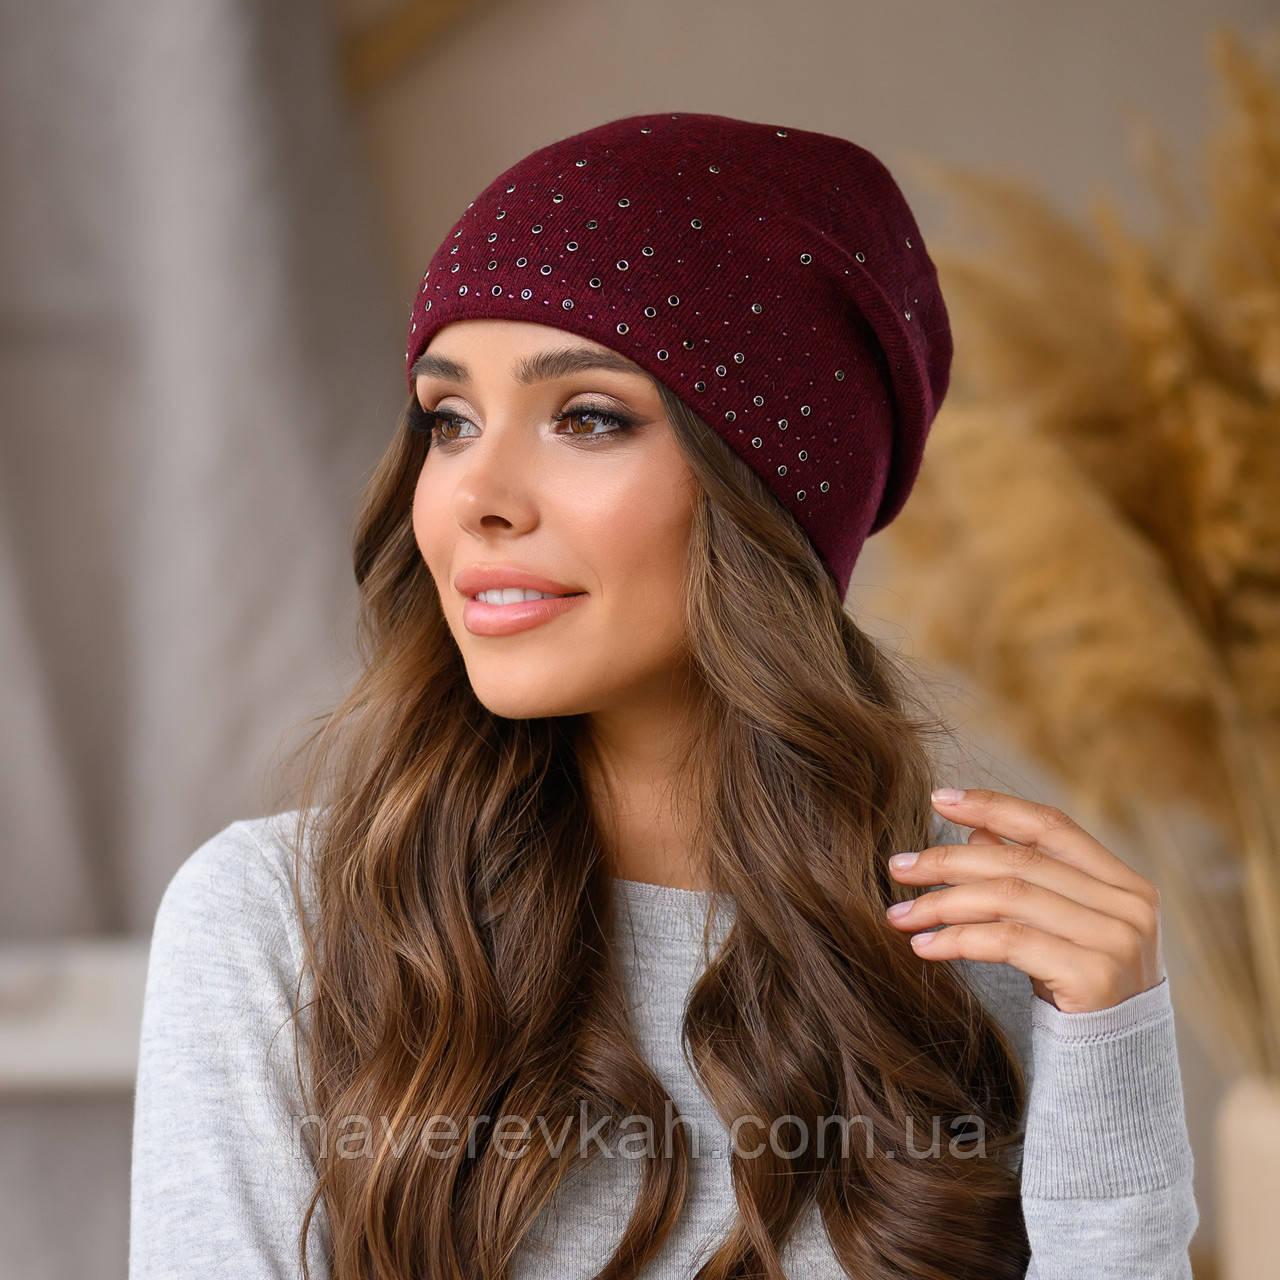 Женская зимняя теплая шапка шерсть акрил